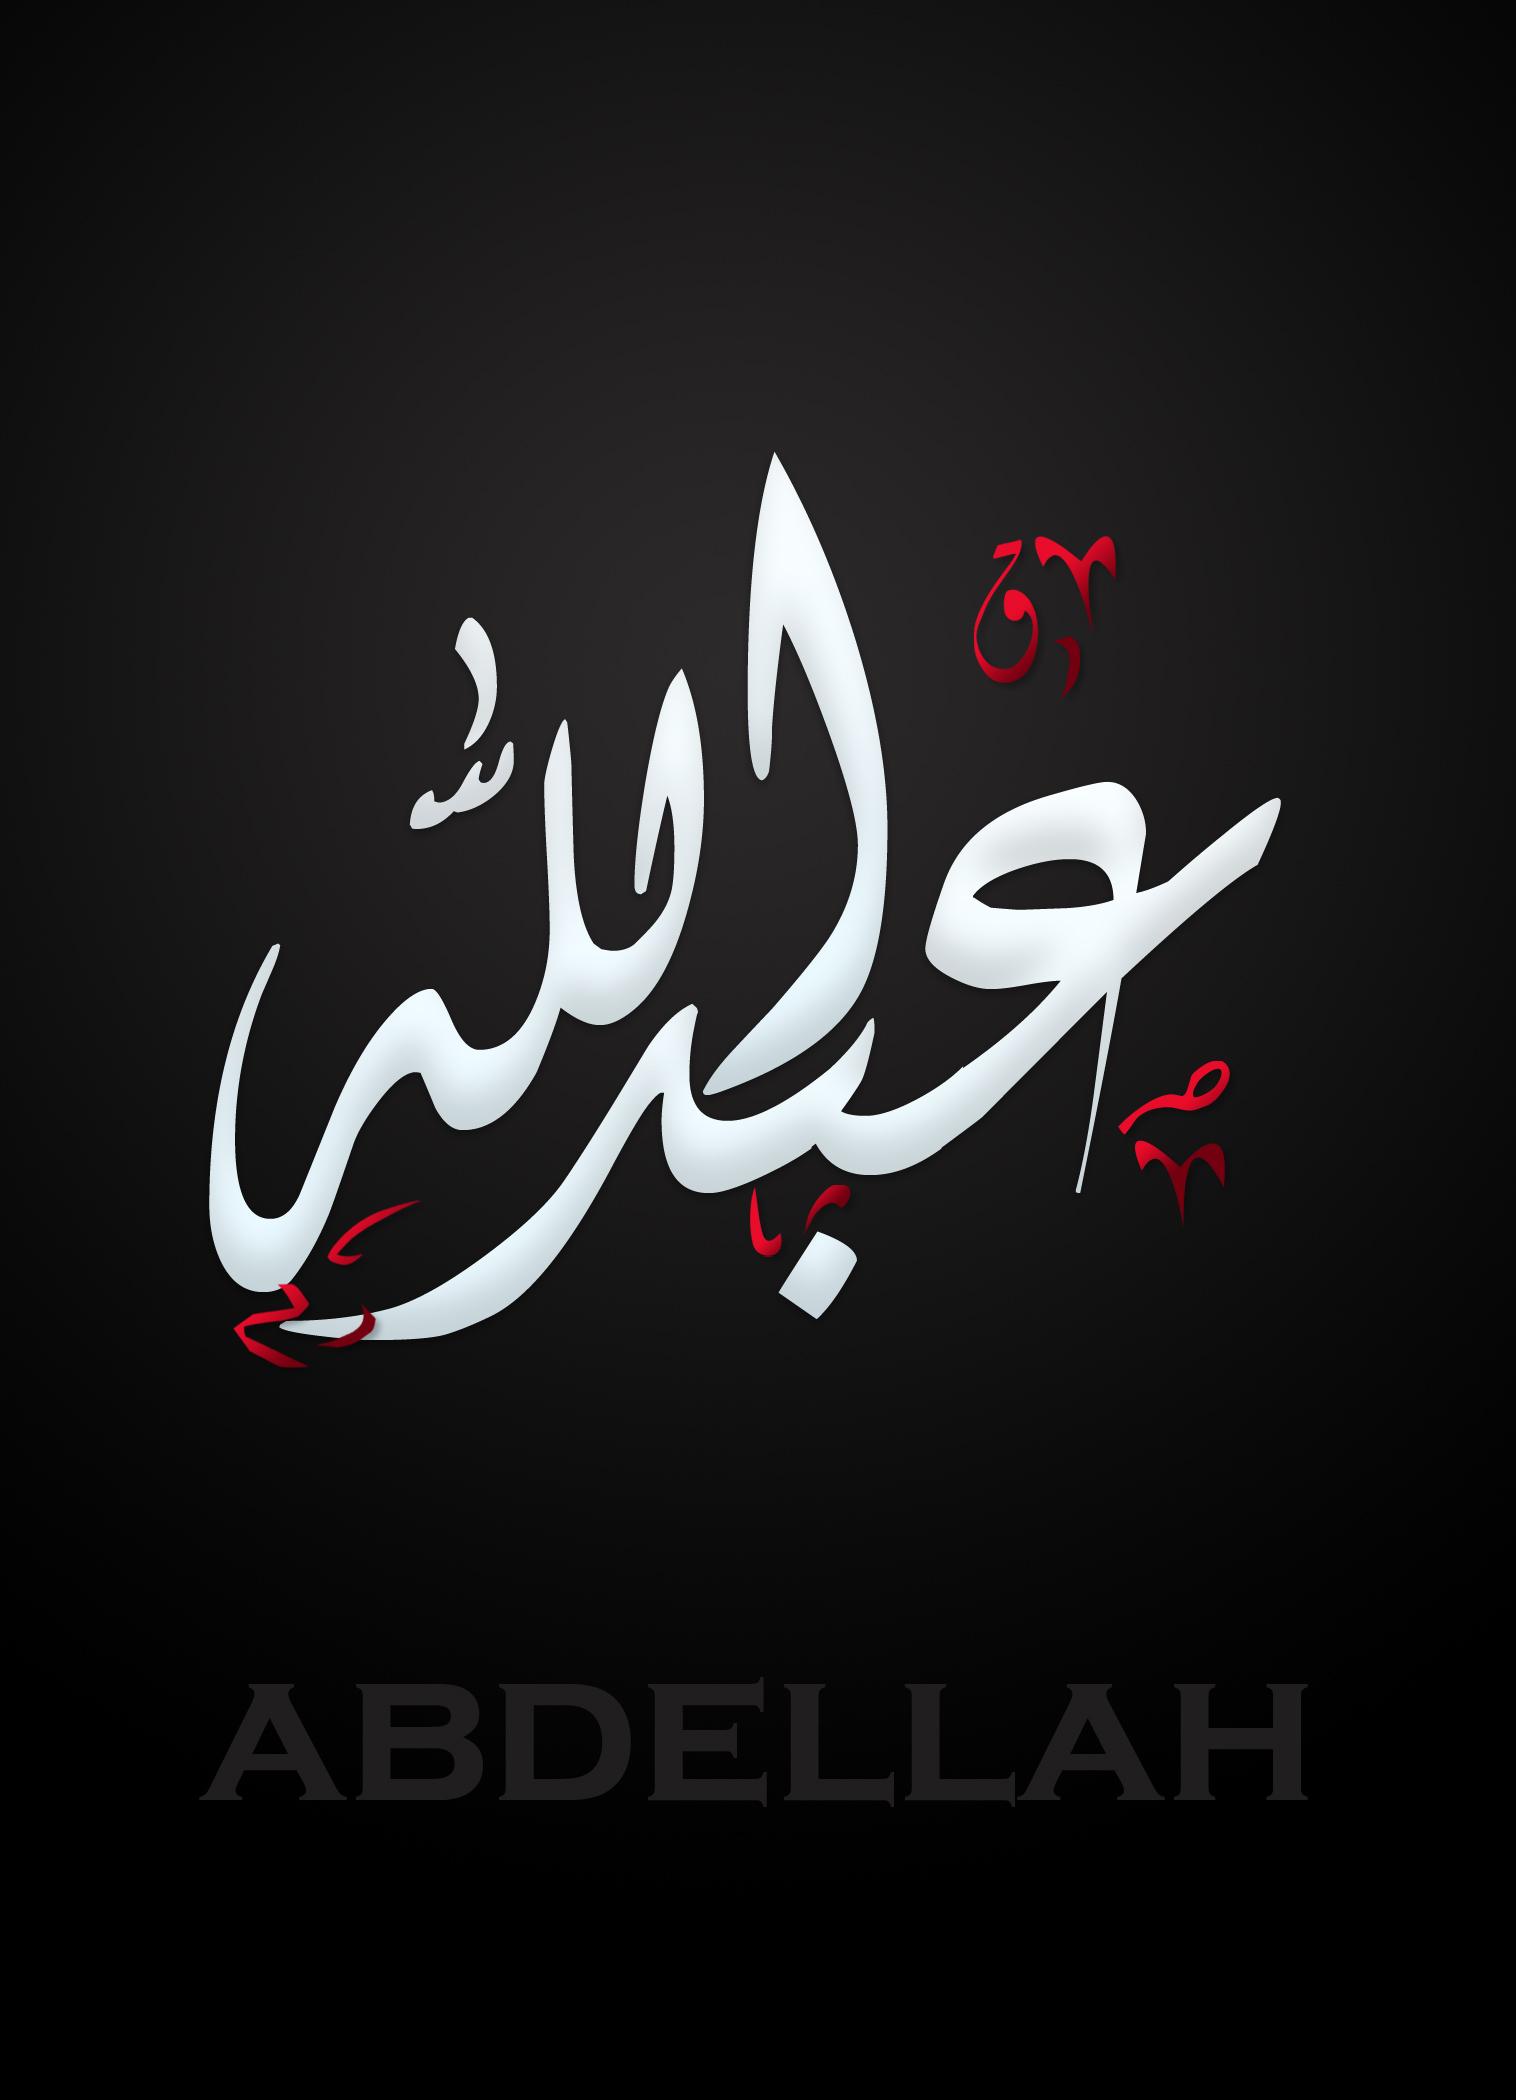 بالصور صور اسم عبدالله , اكثر الاسماء انتشار فى الدول العربية 3777 4